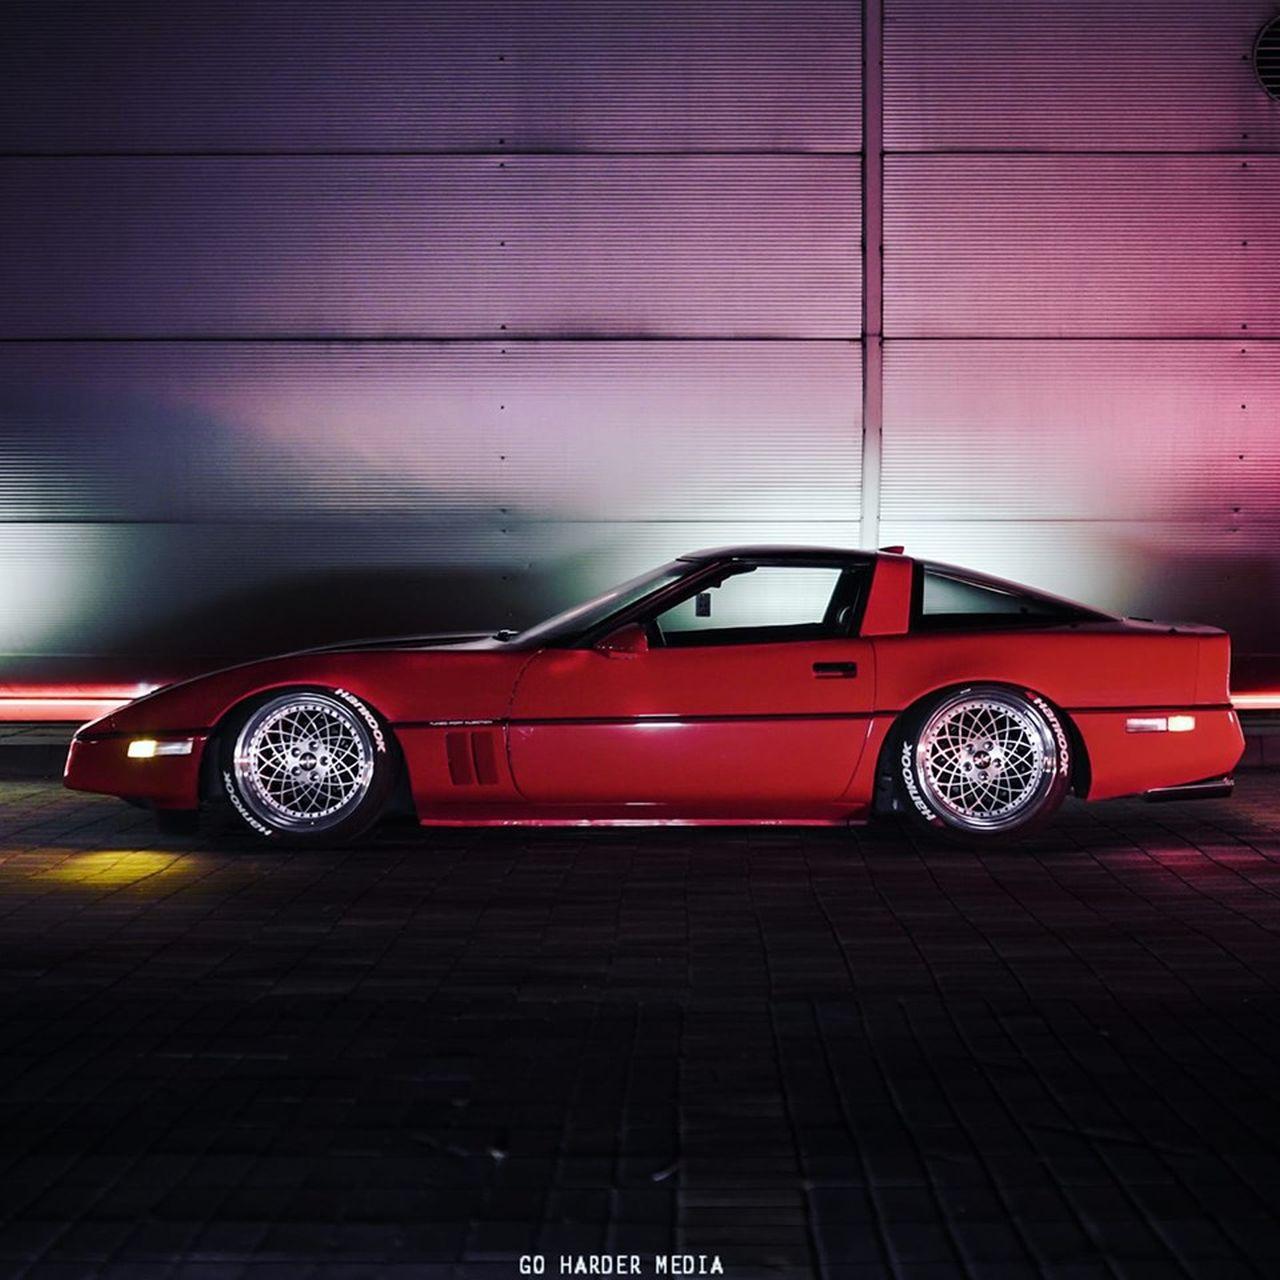 Chevrolet Corvette C4 1987 Stance - Ambiance Retrowave ! 1